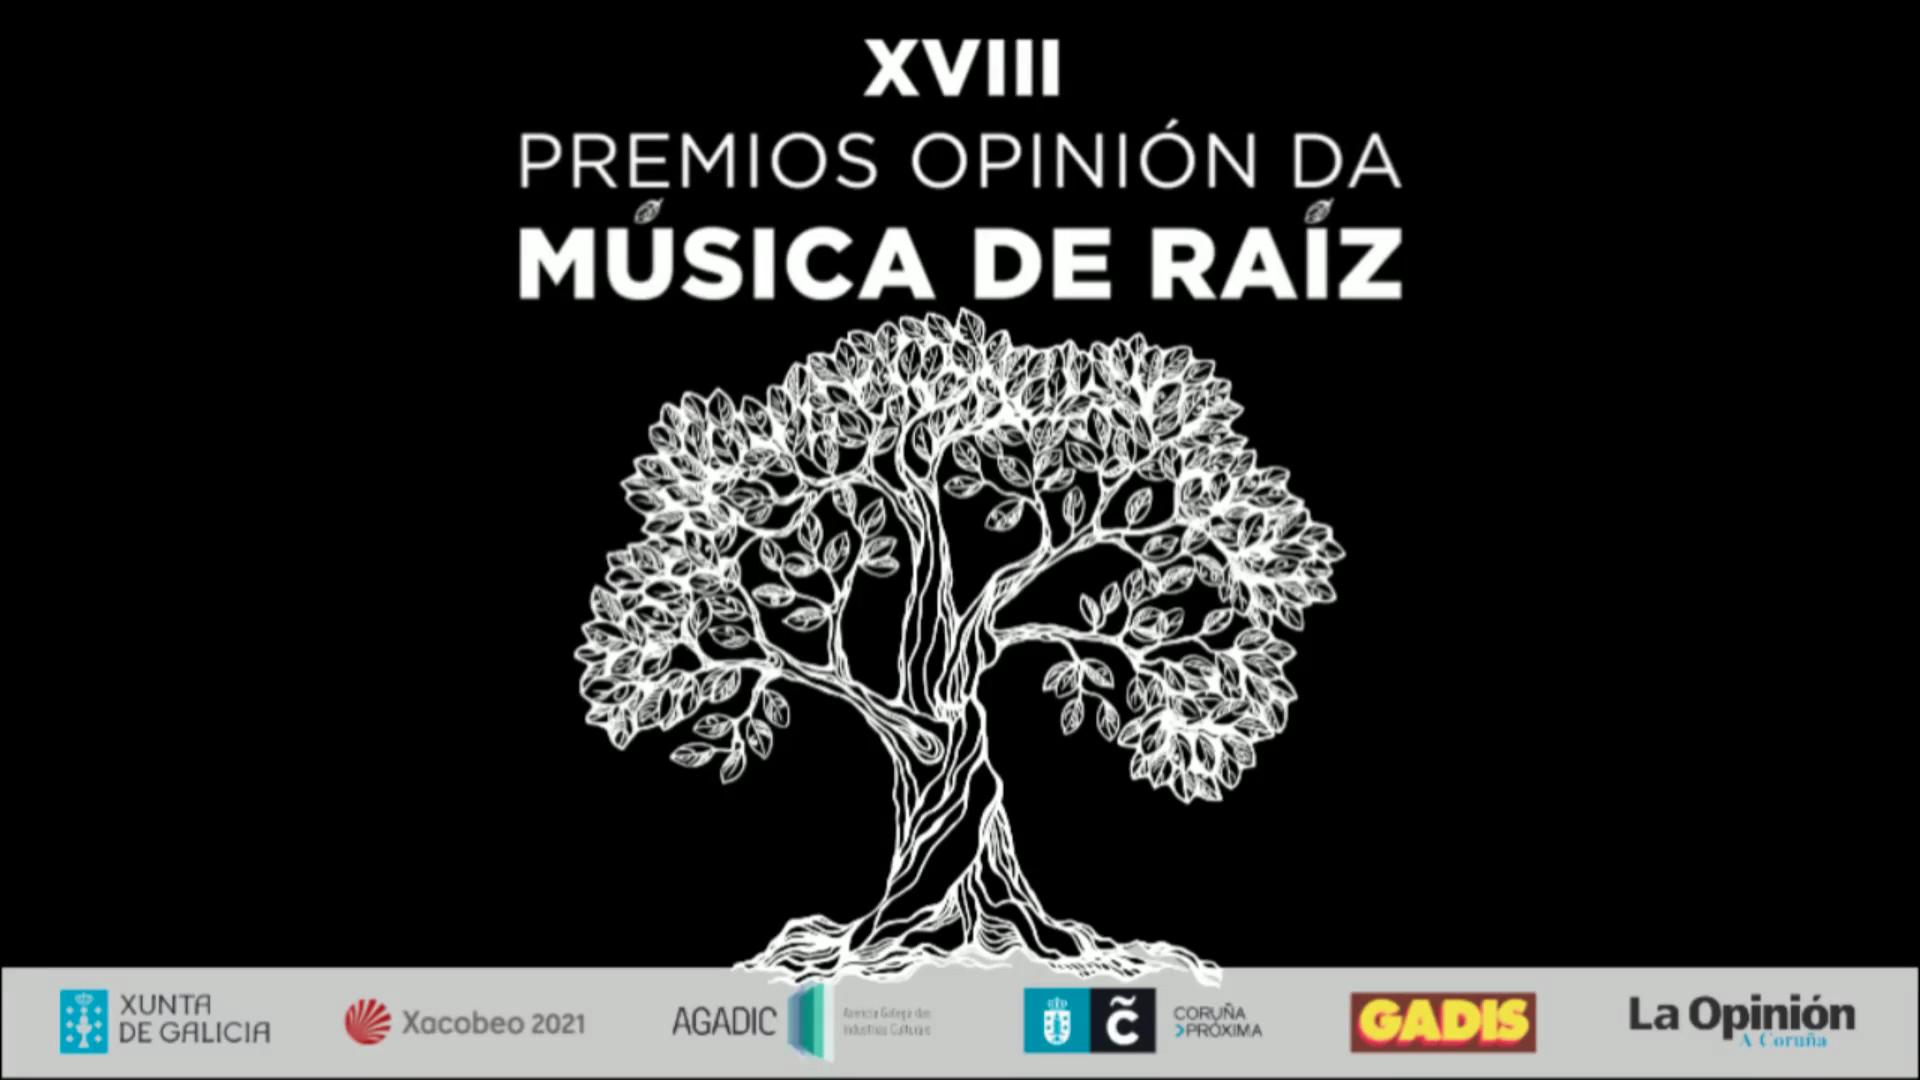 XVIII Premios Opinión da Música de Raíz